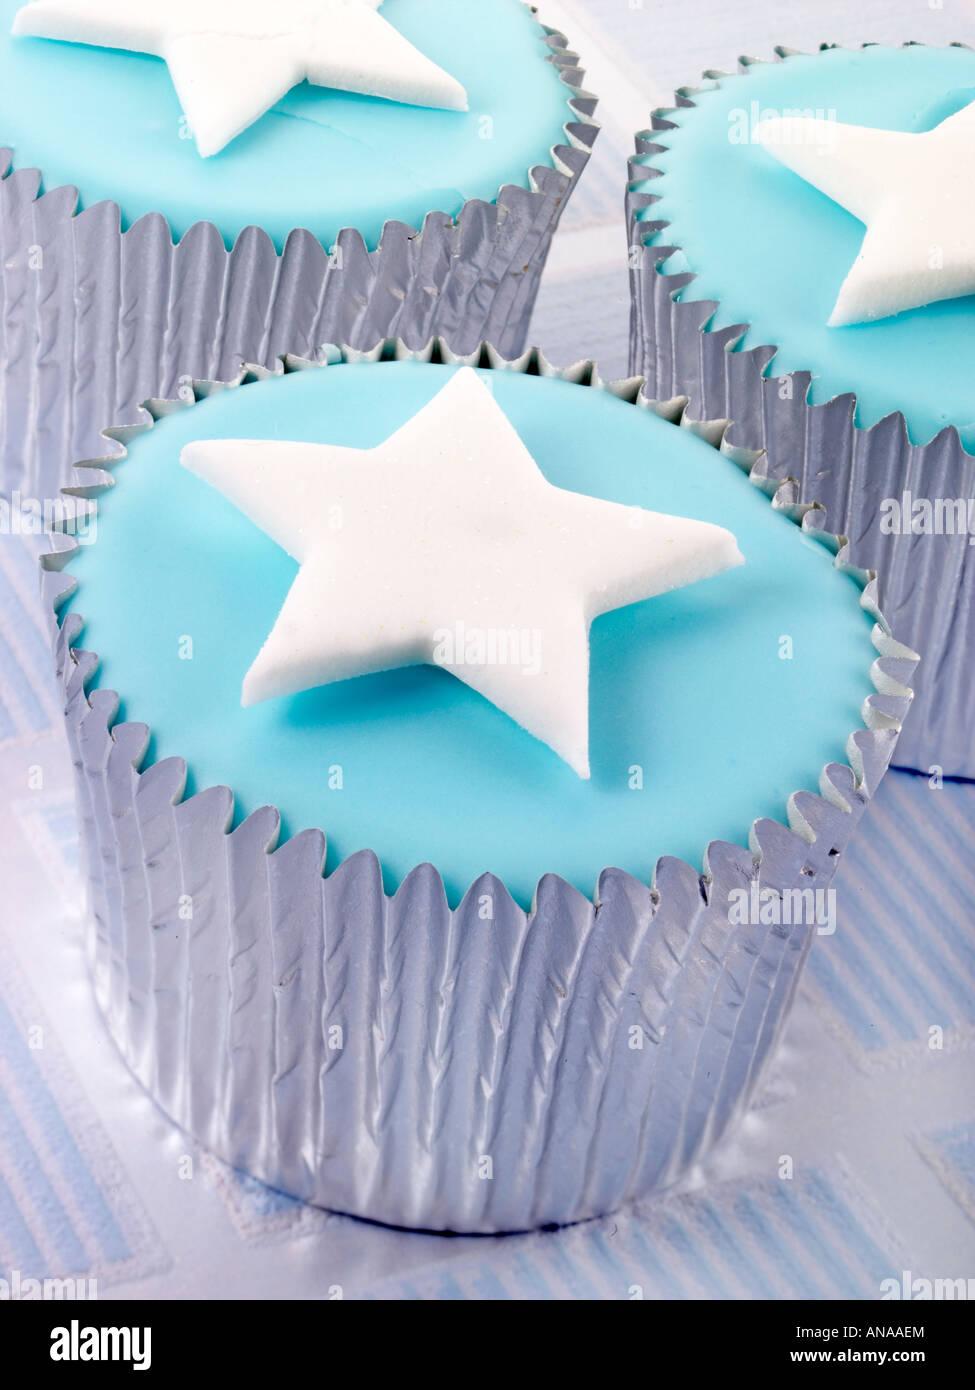 White Silver Star Birthday Cakes Stock Photos White Silver Star